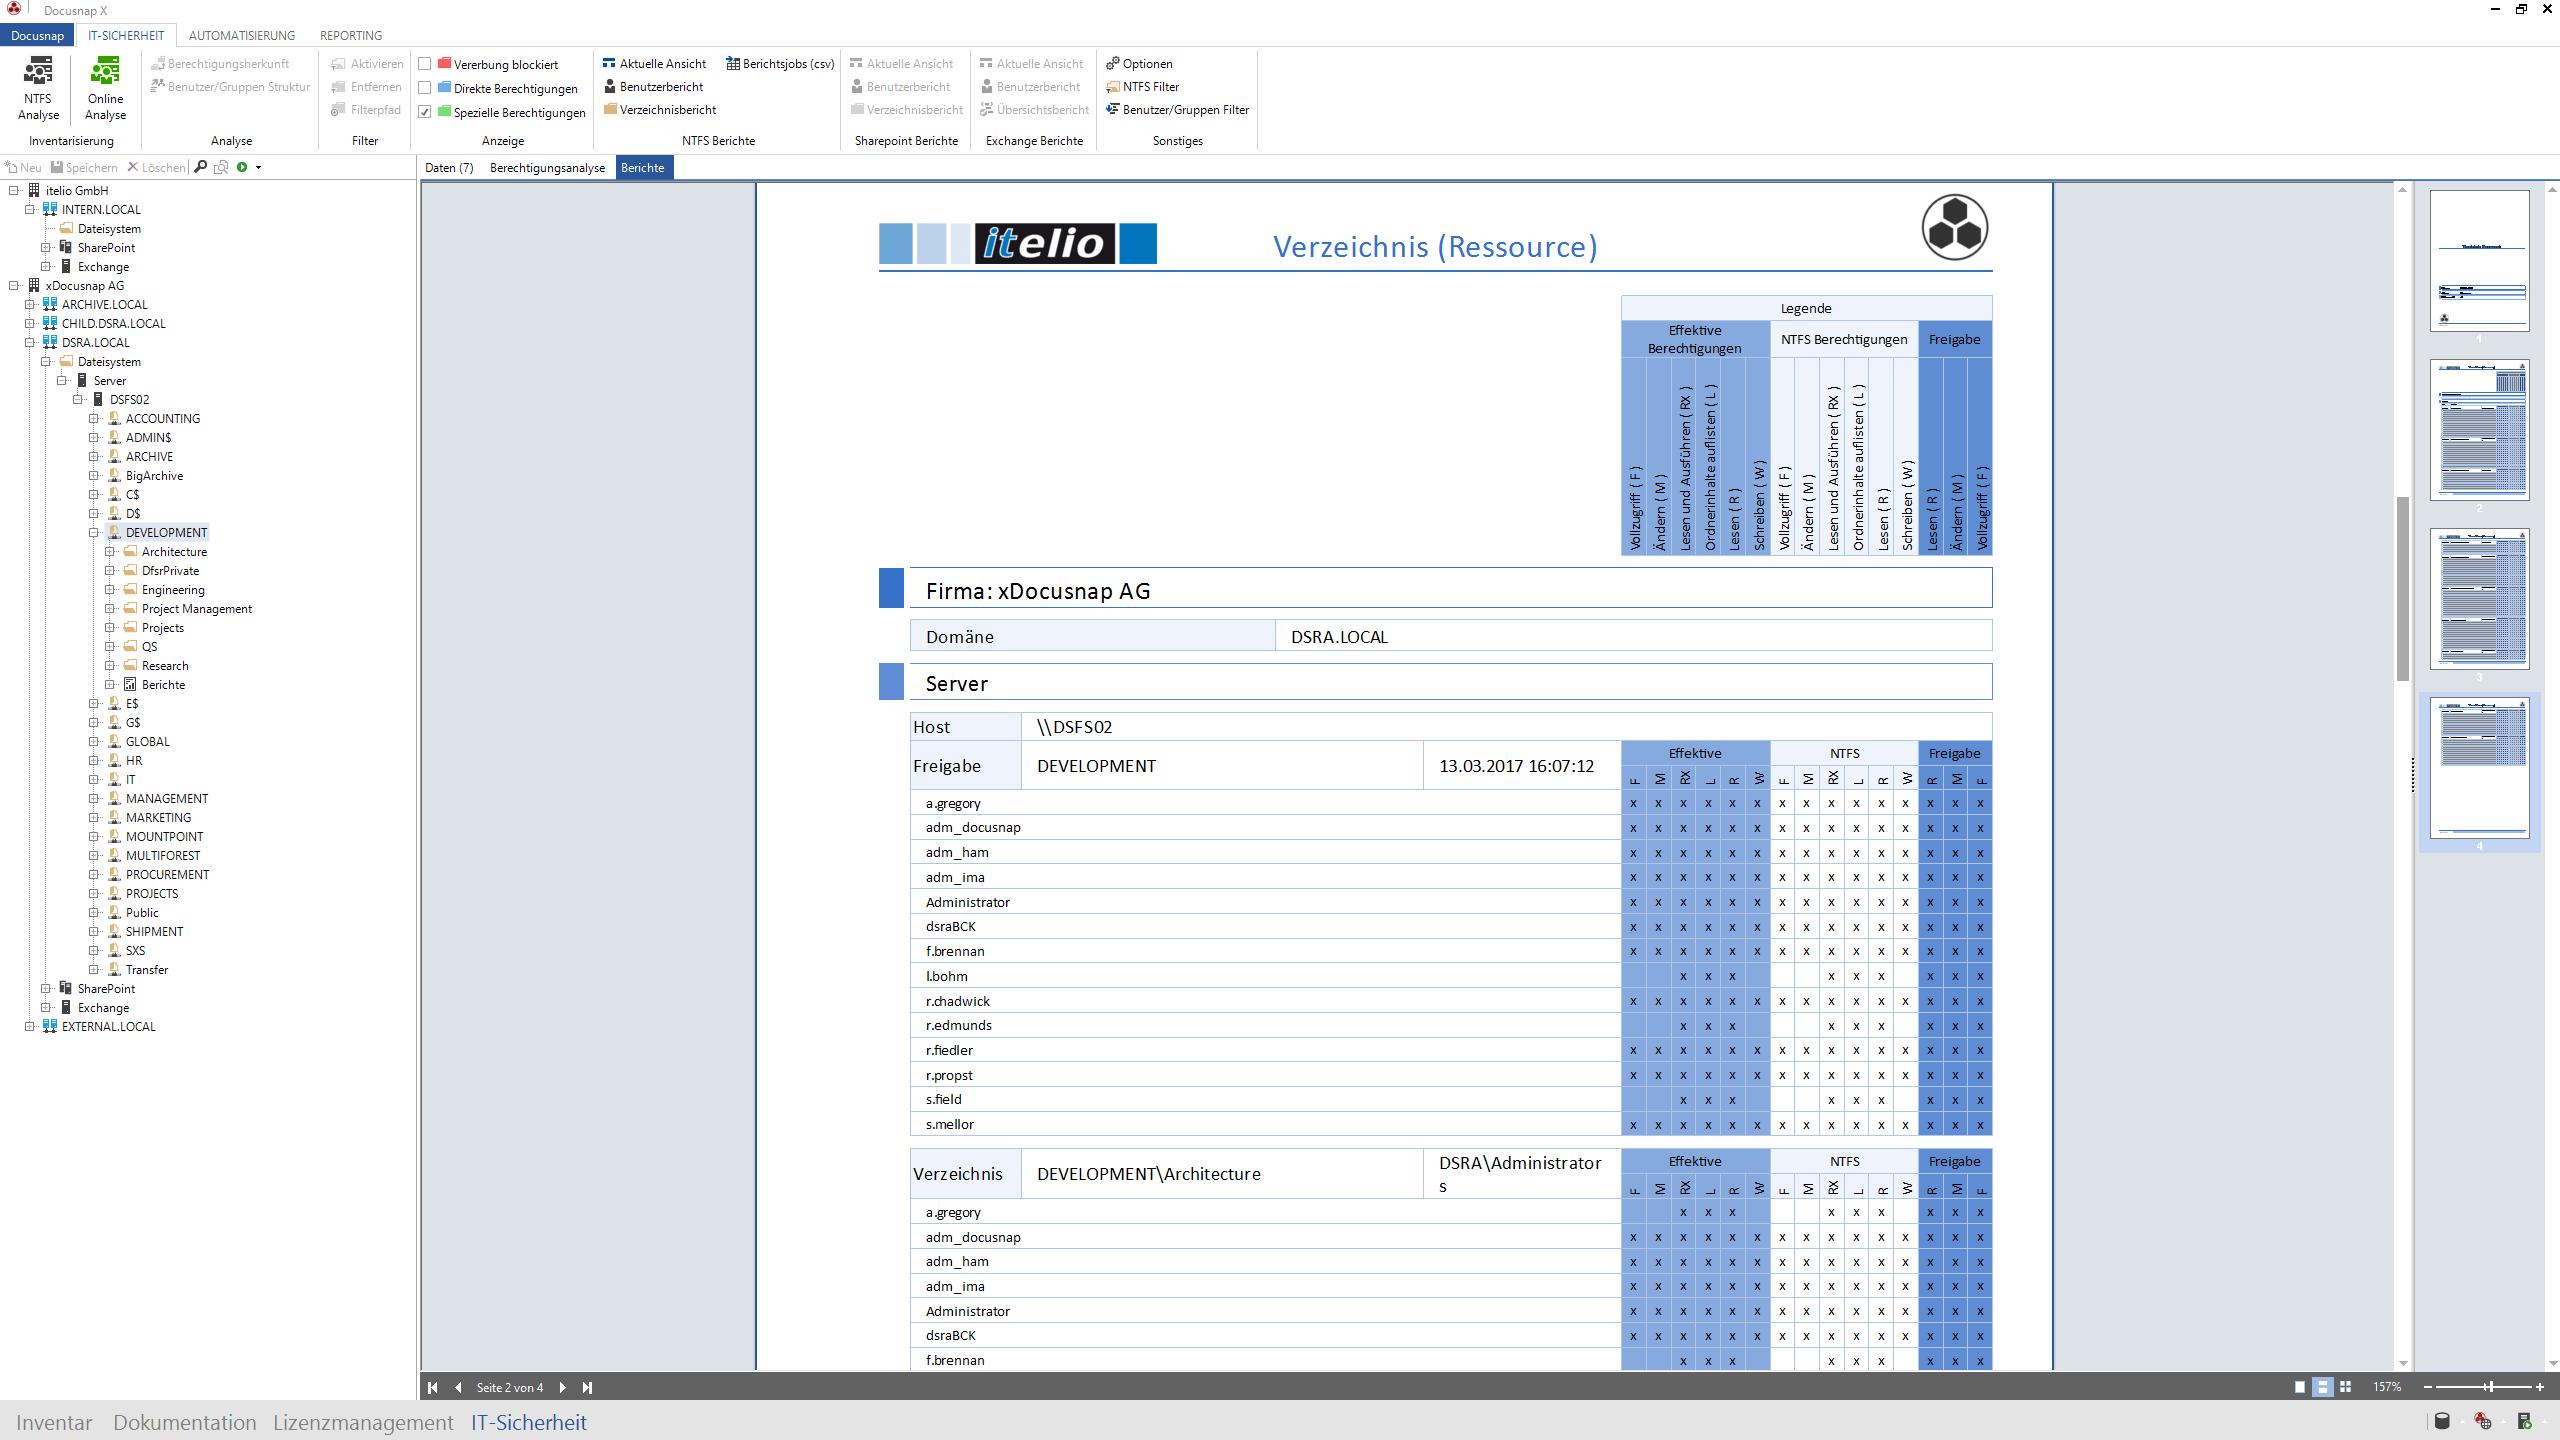 Screenshot: Benutzerbericht über Zugriffe auf bestimmte Verzeichnisse